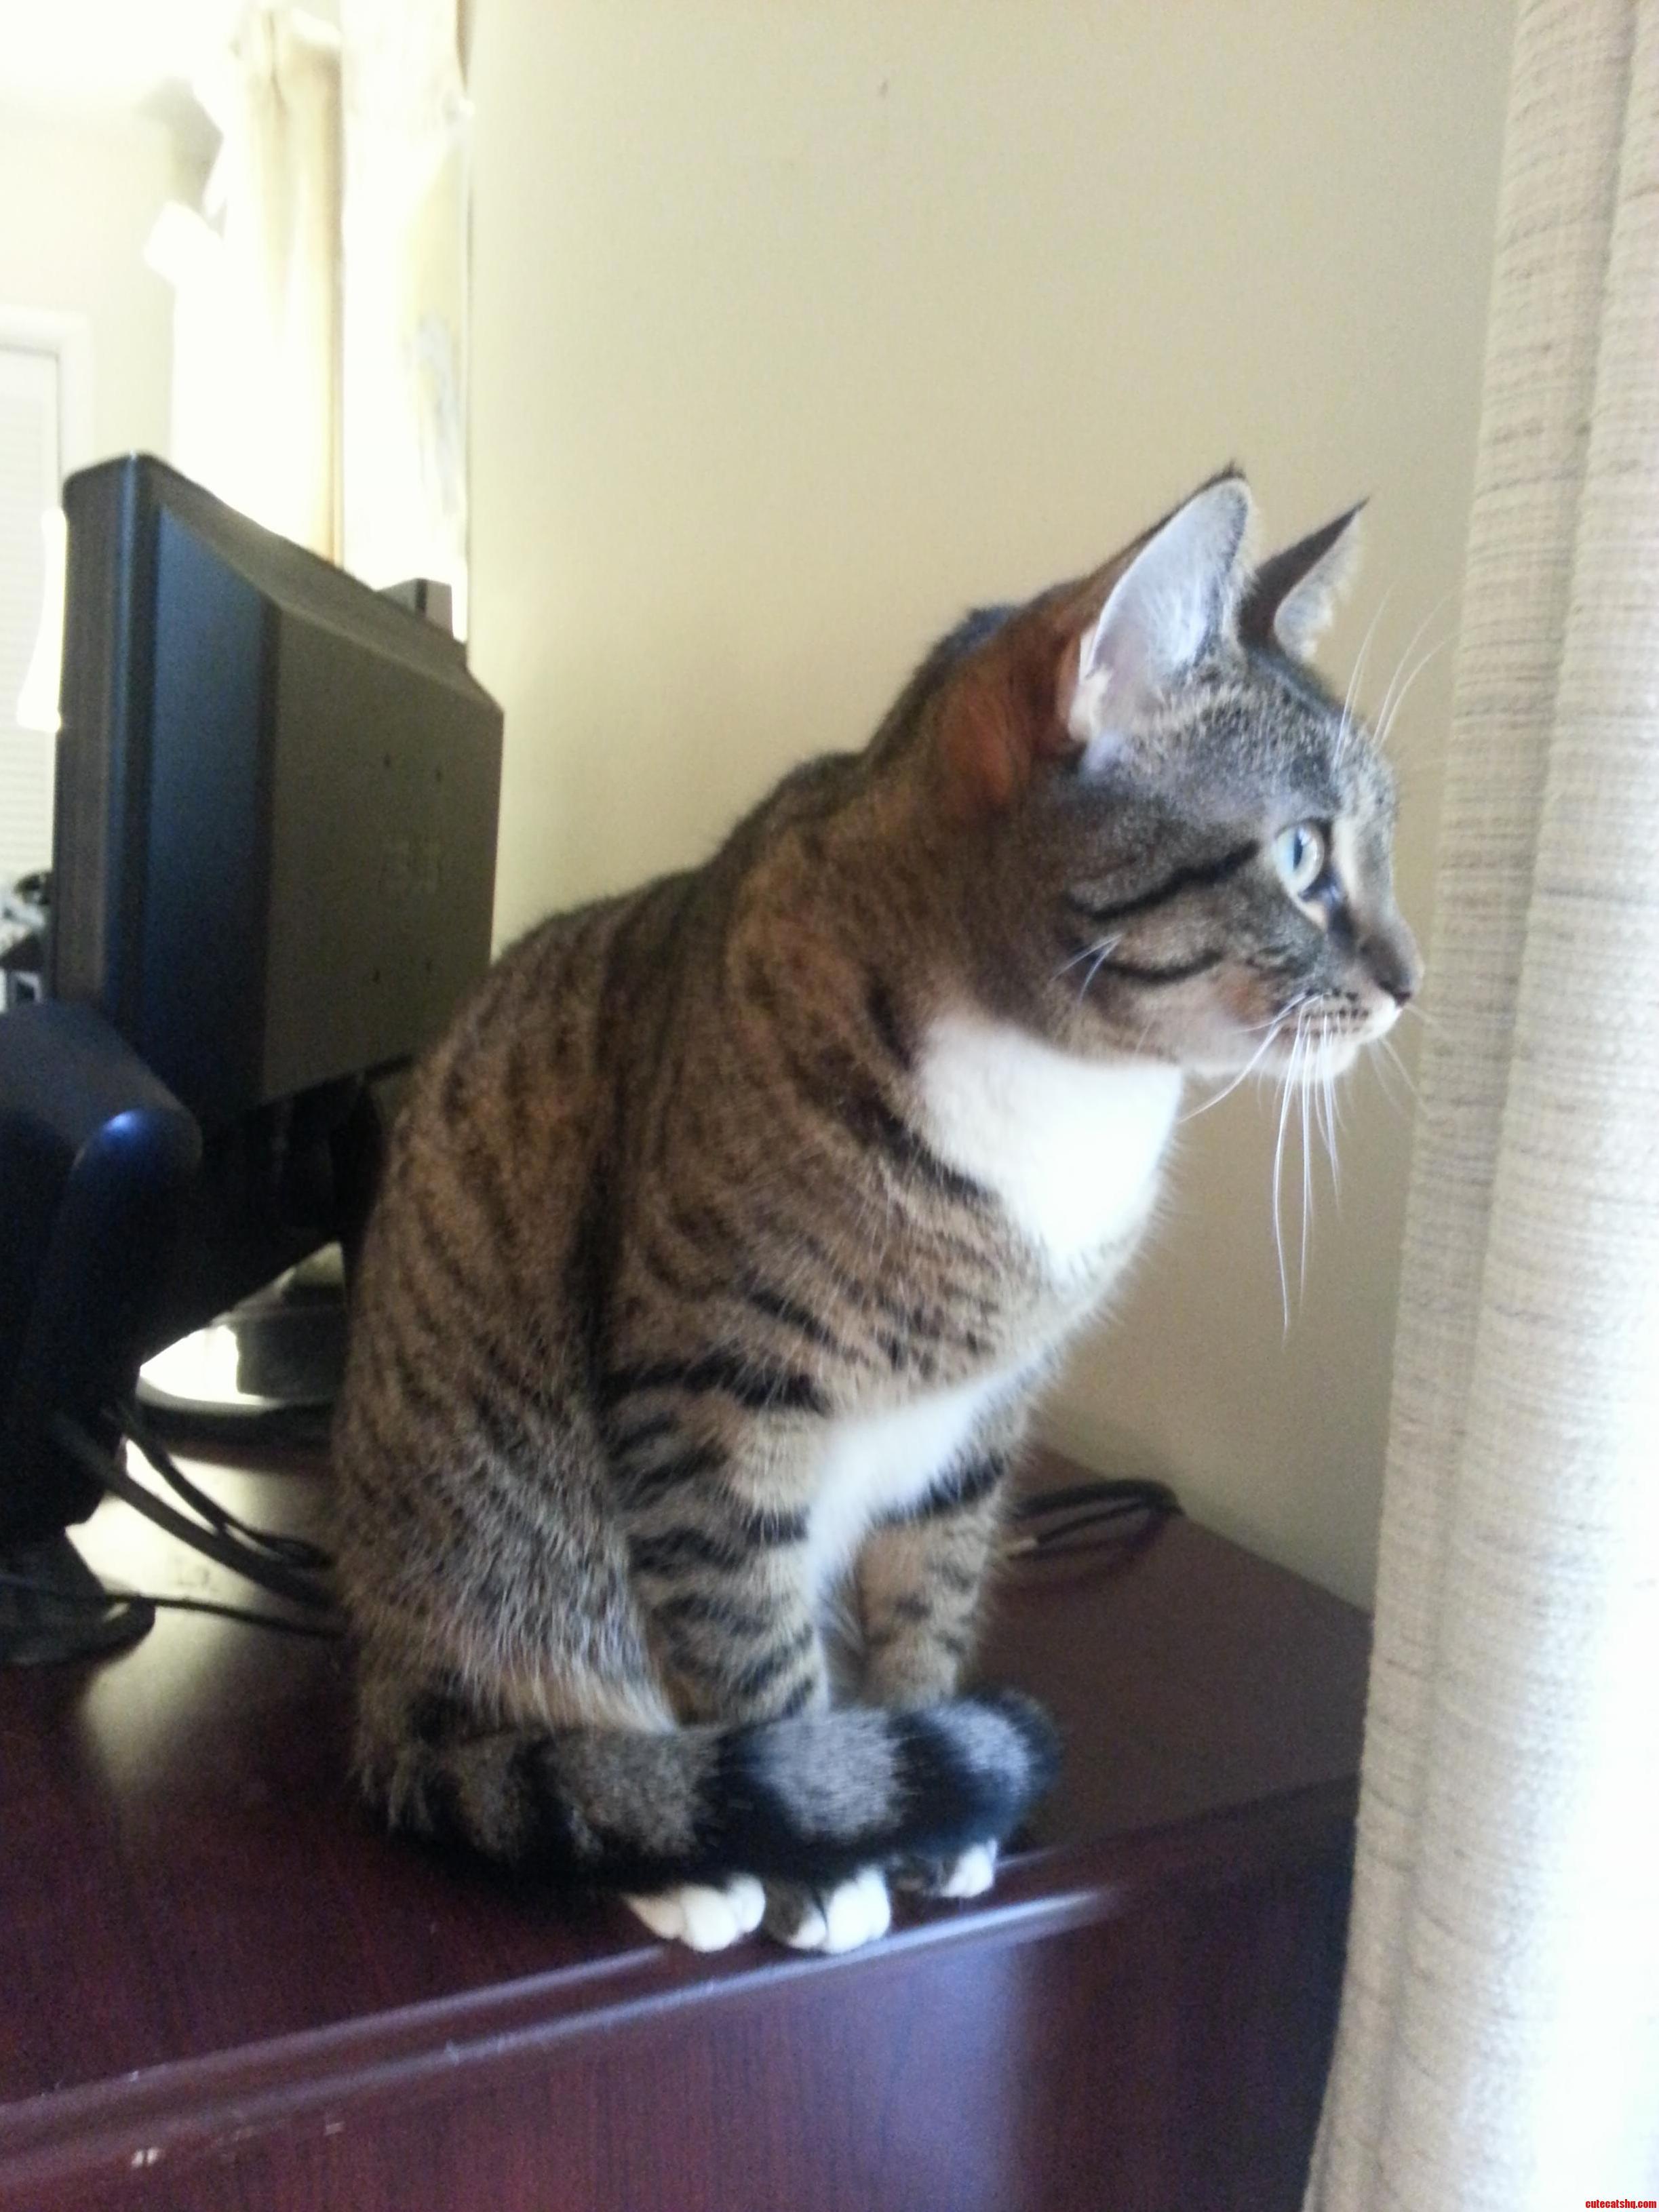 She Always Curls Her Tail Around Her Feet When Watching Squirrels.